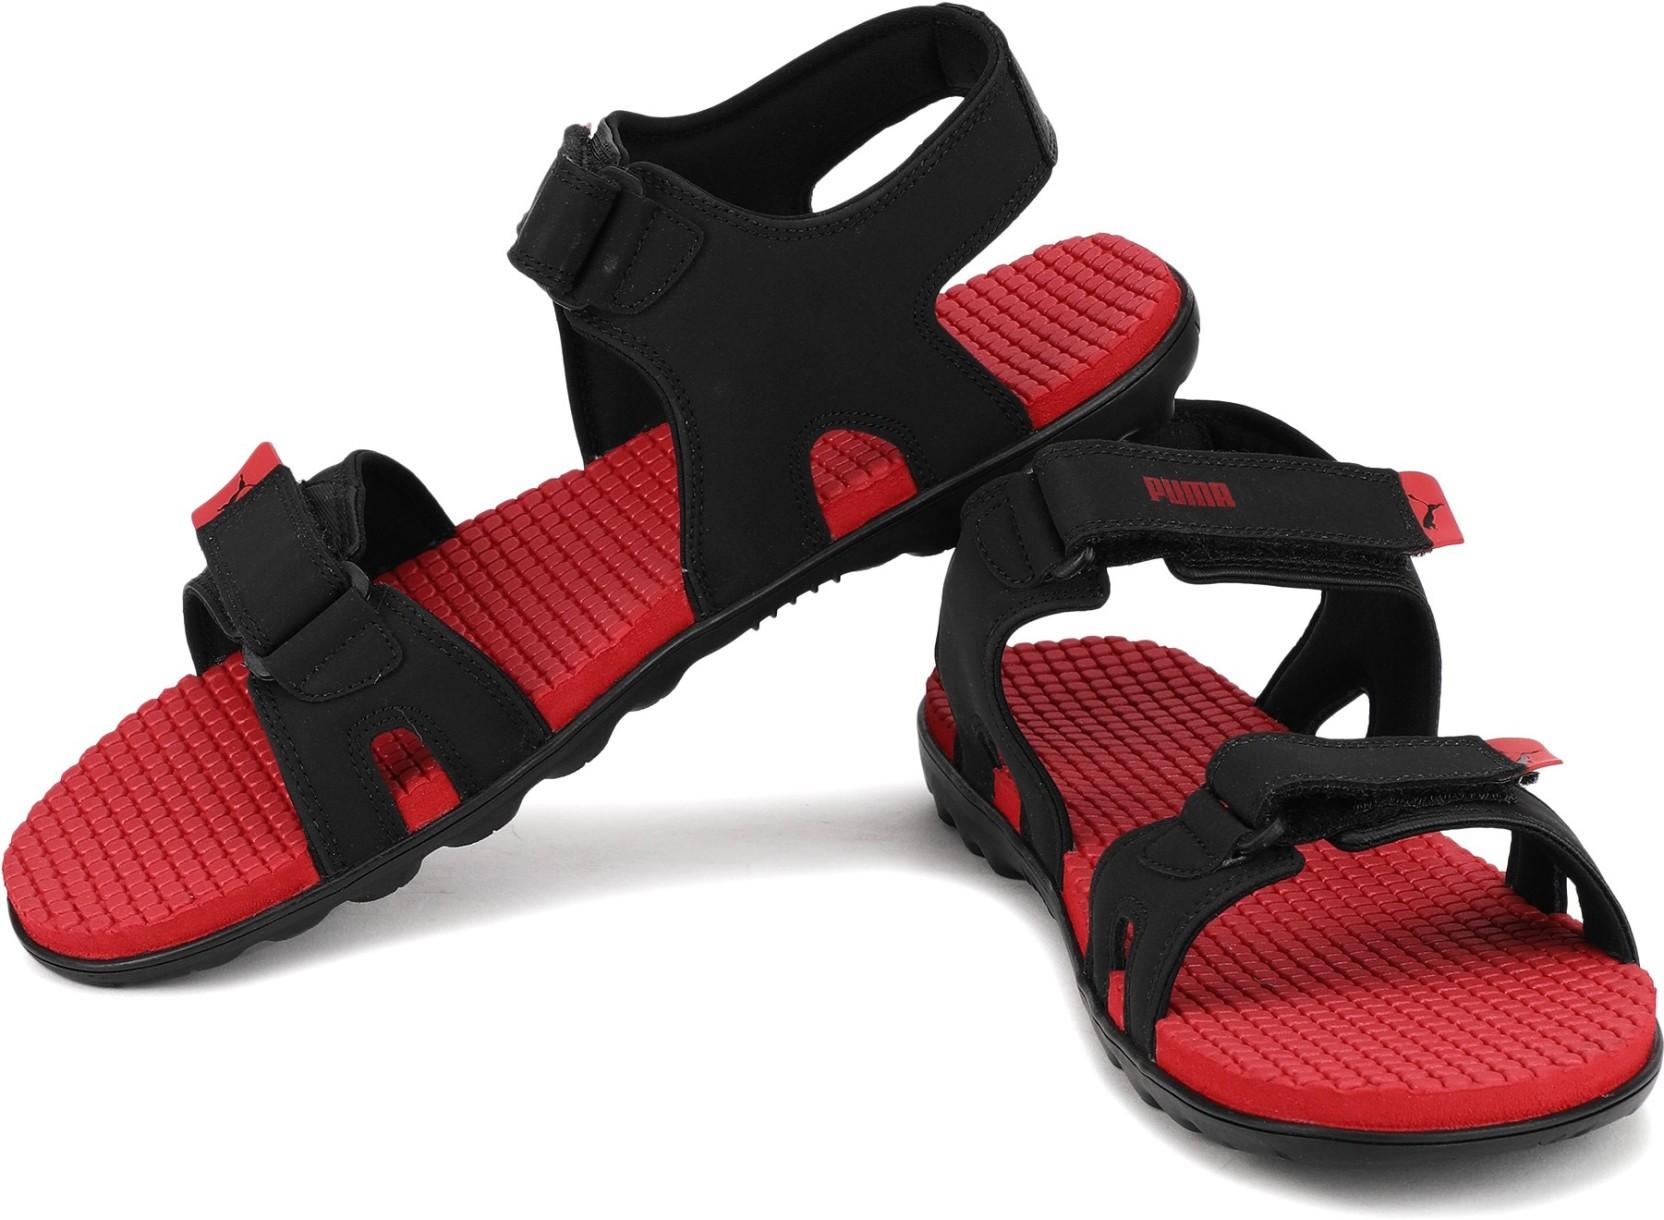 28d9990098f1 Puma Men Black-Ribbon Red Sports Sandals - Buy Puma Men Black-Ribbon ...